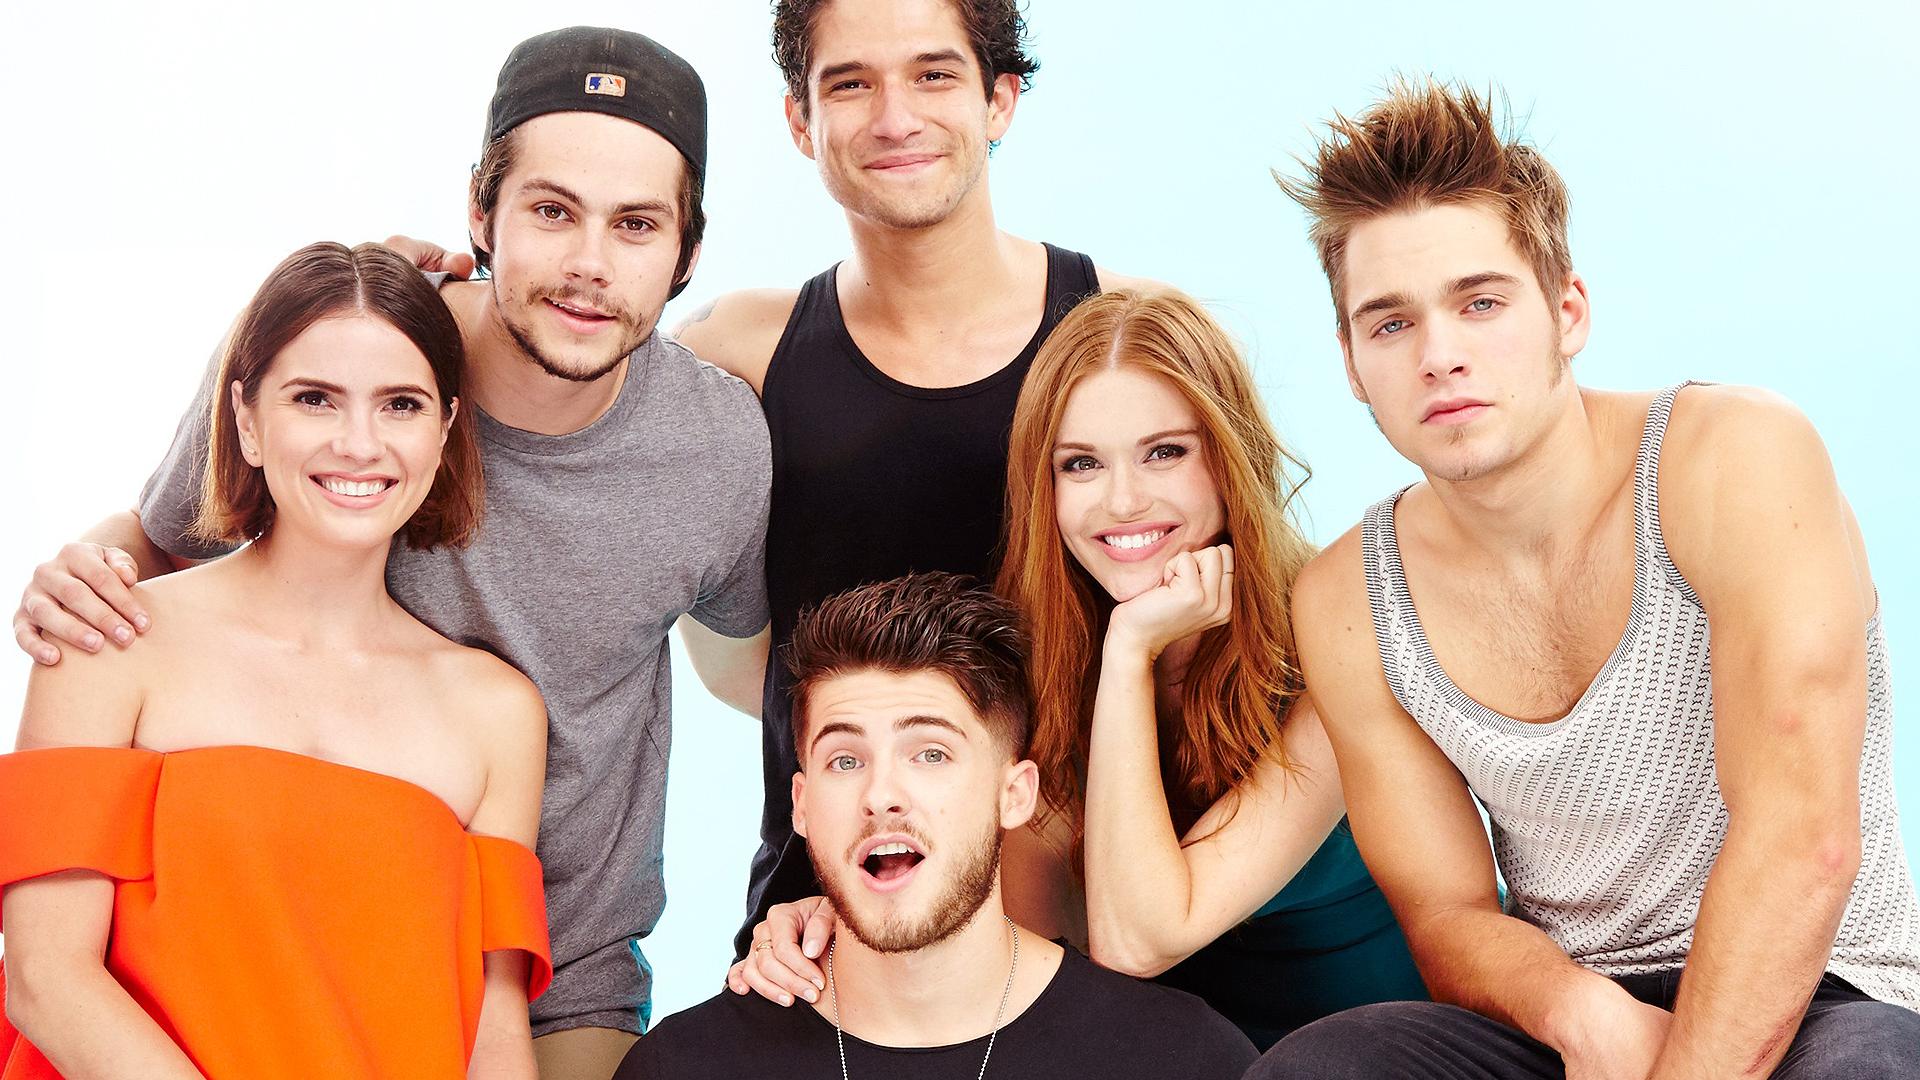 S5 Cast - Teen Wolf Cast Wallpaper Desktop , HD Wallpaper & Backgrounds